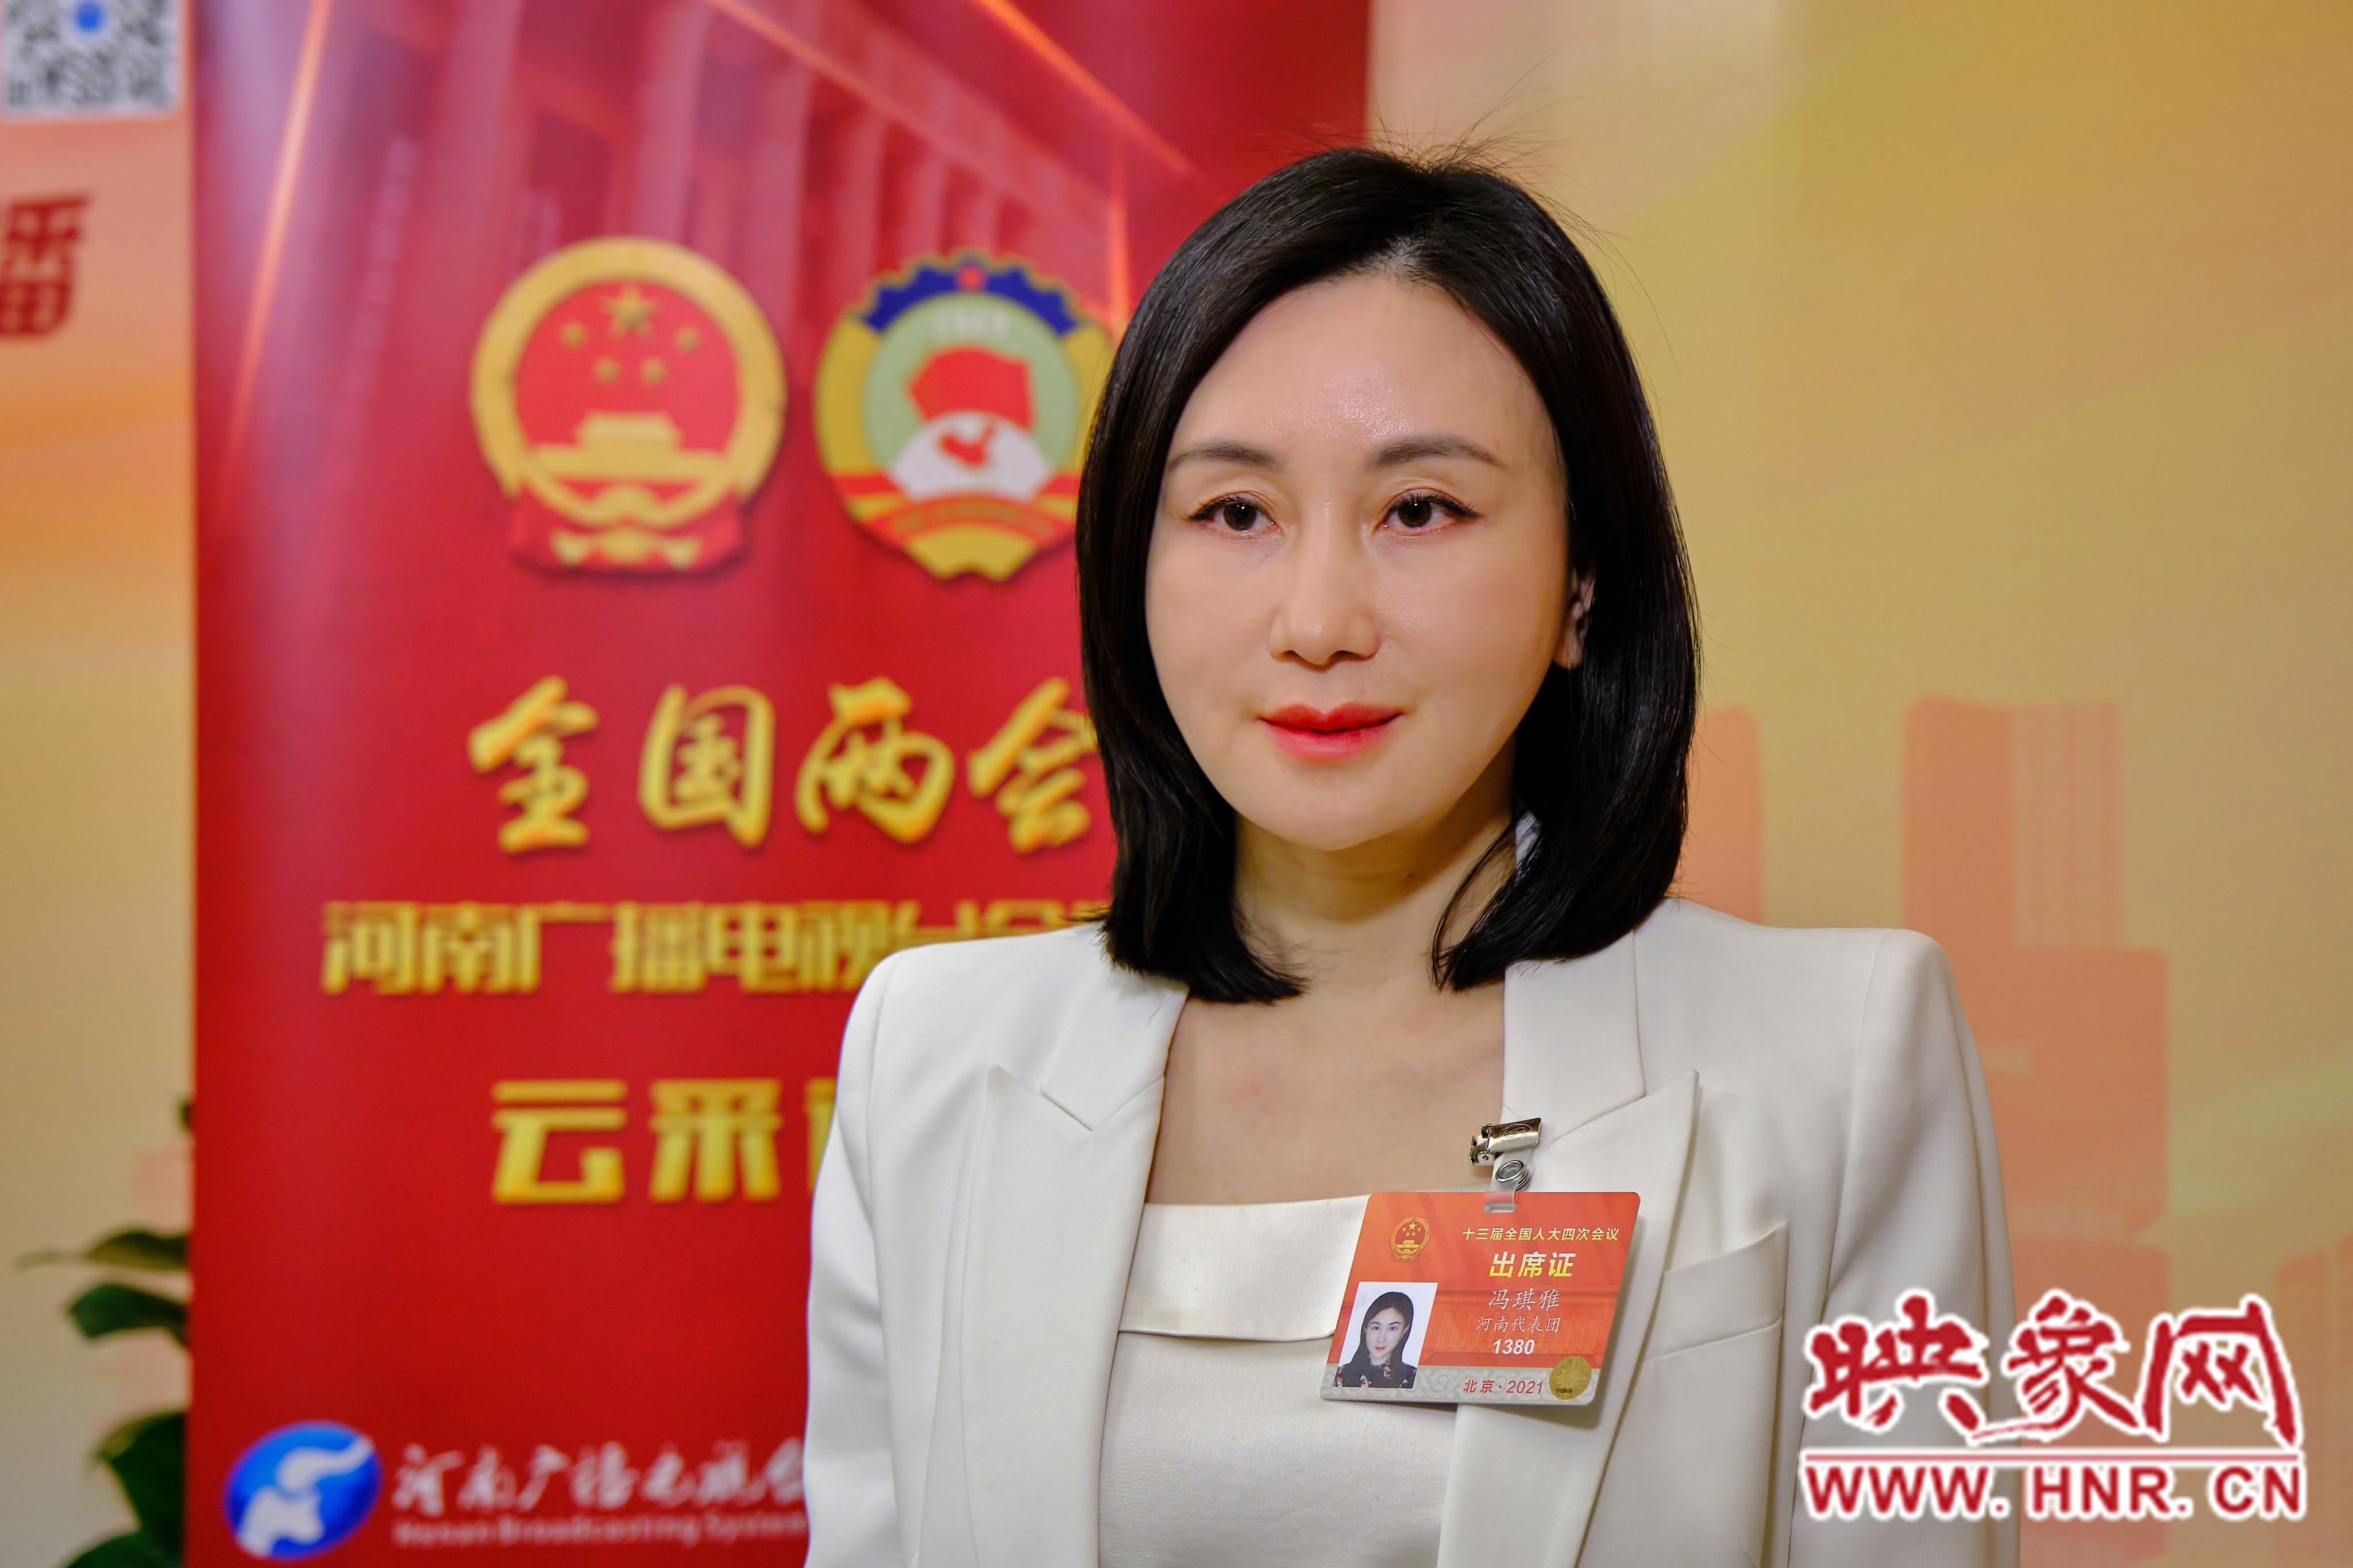 全国人大代表冯琪雅:建议利用人工智能治理电信网络诈骗